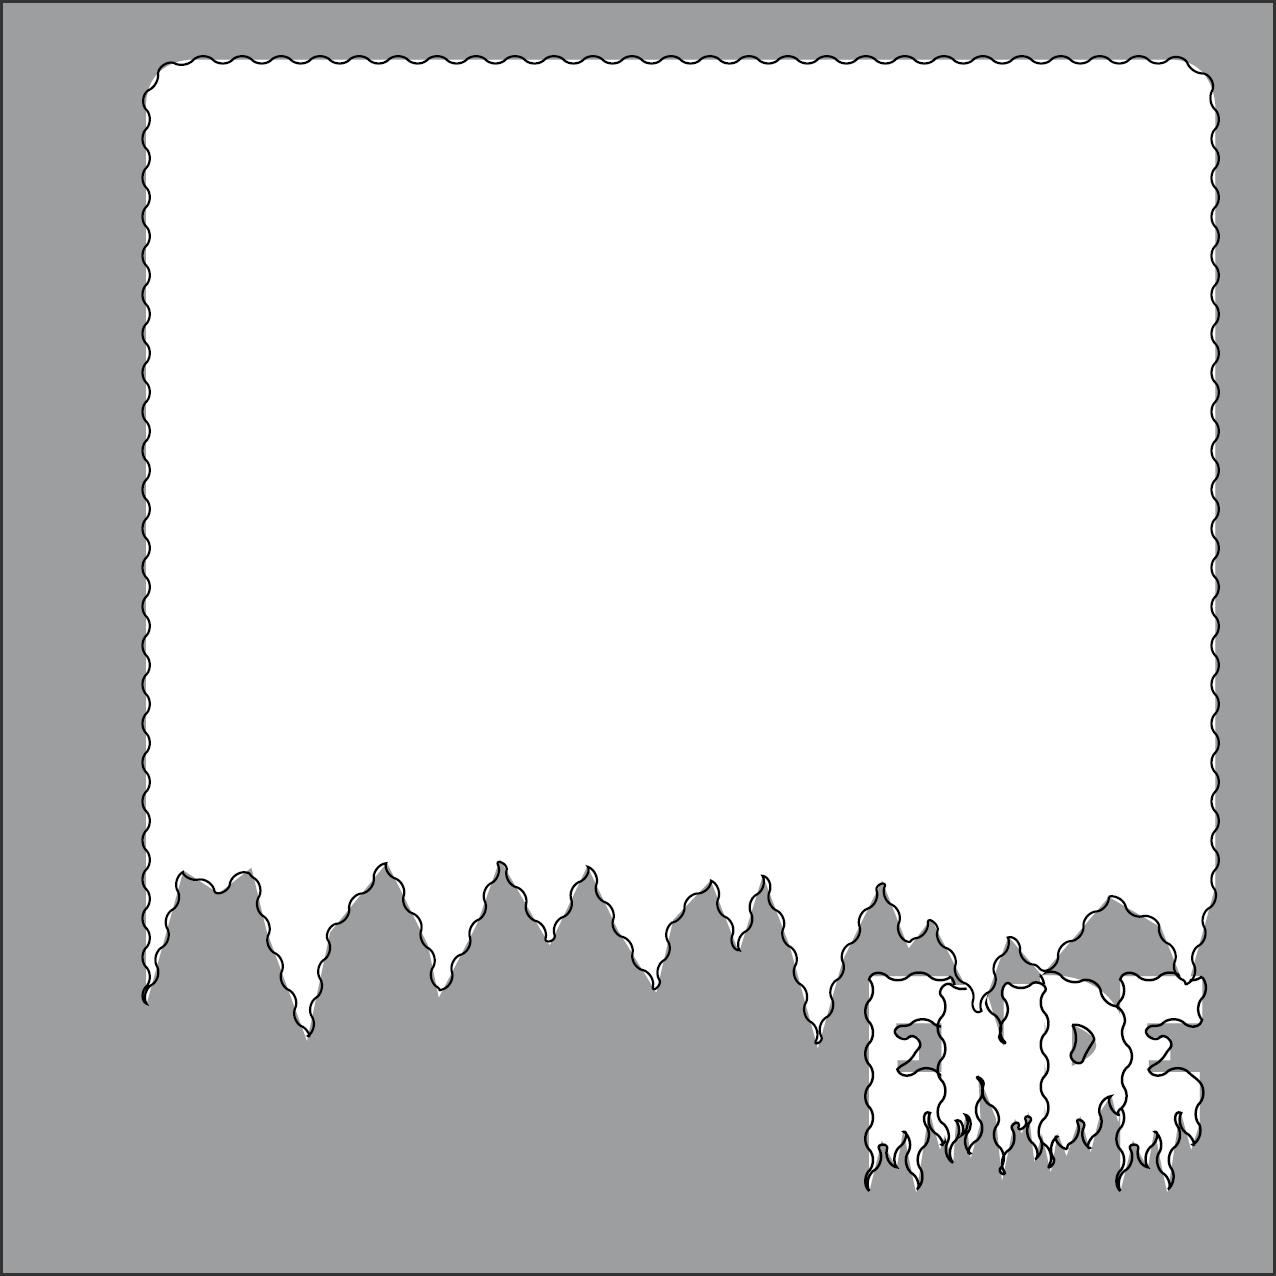 Inhalt_2020_Panel_Grusel-1